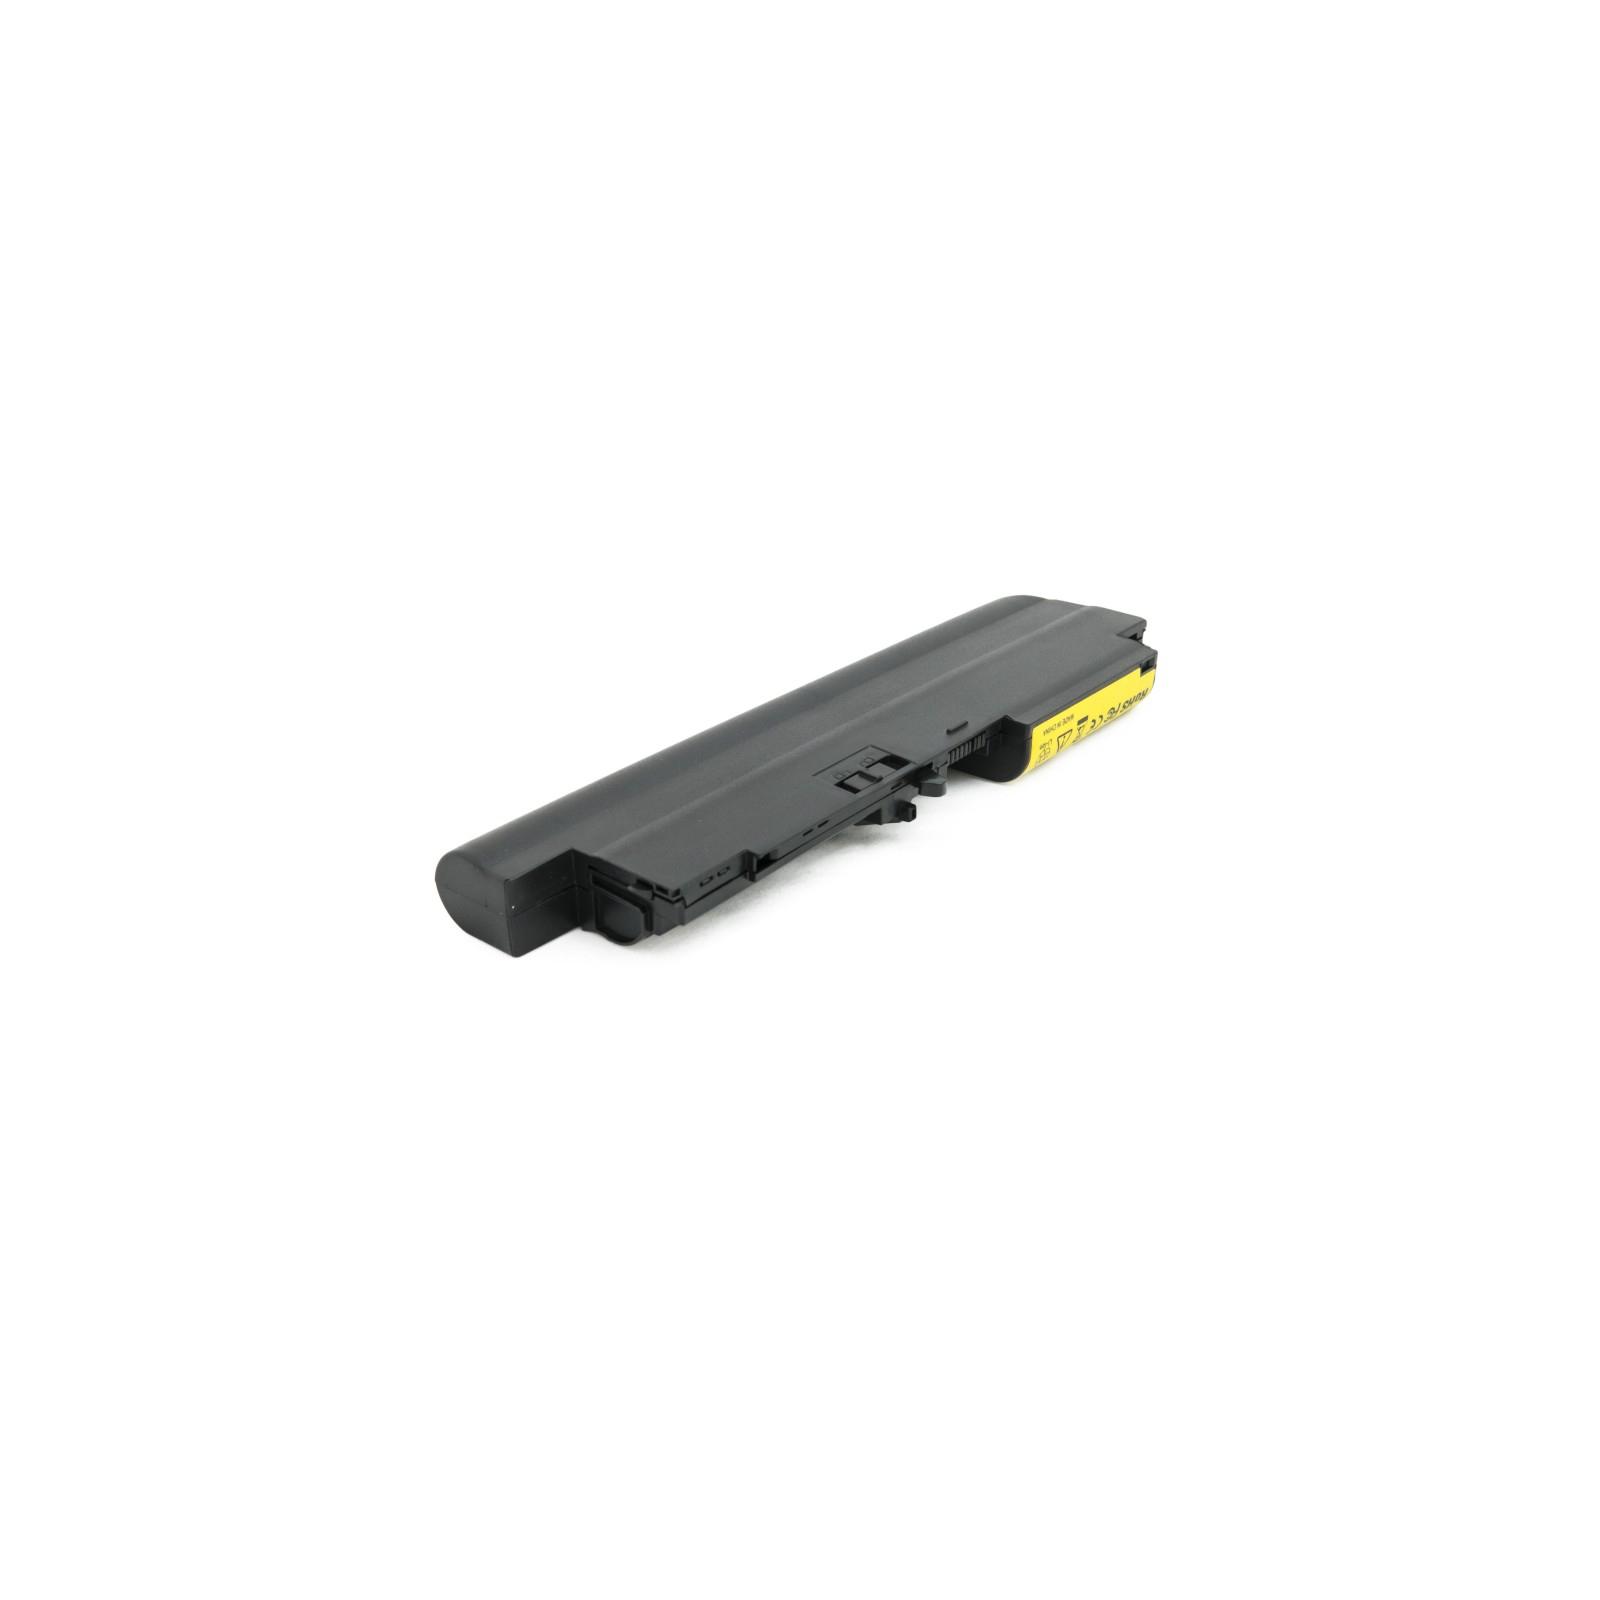 Аккумулятор для ноутбука Lenovo T61 5200 mAh EXTRADIGITAL (BNL3952) изображение 3